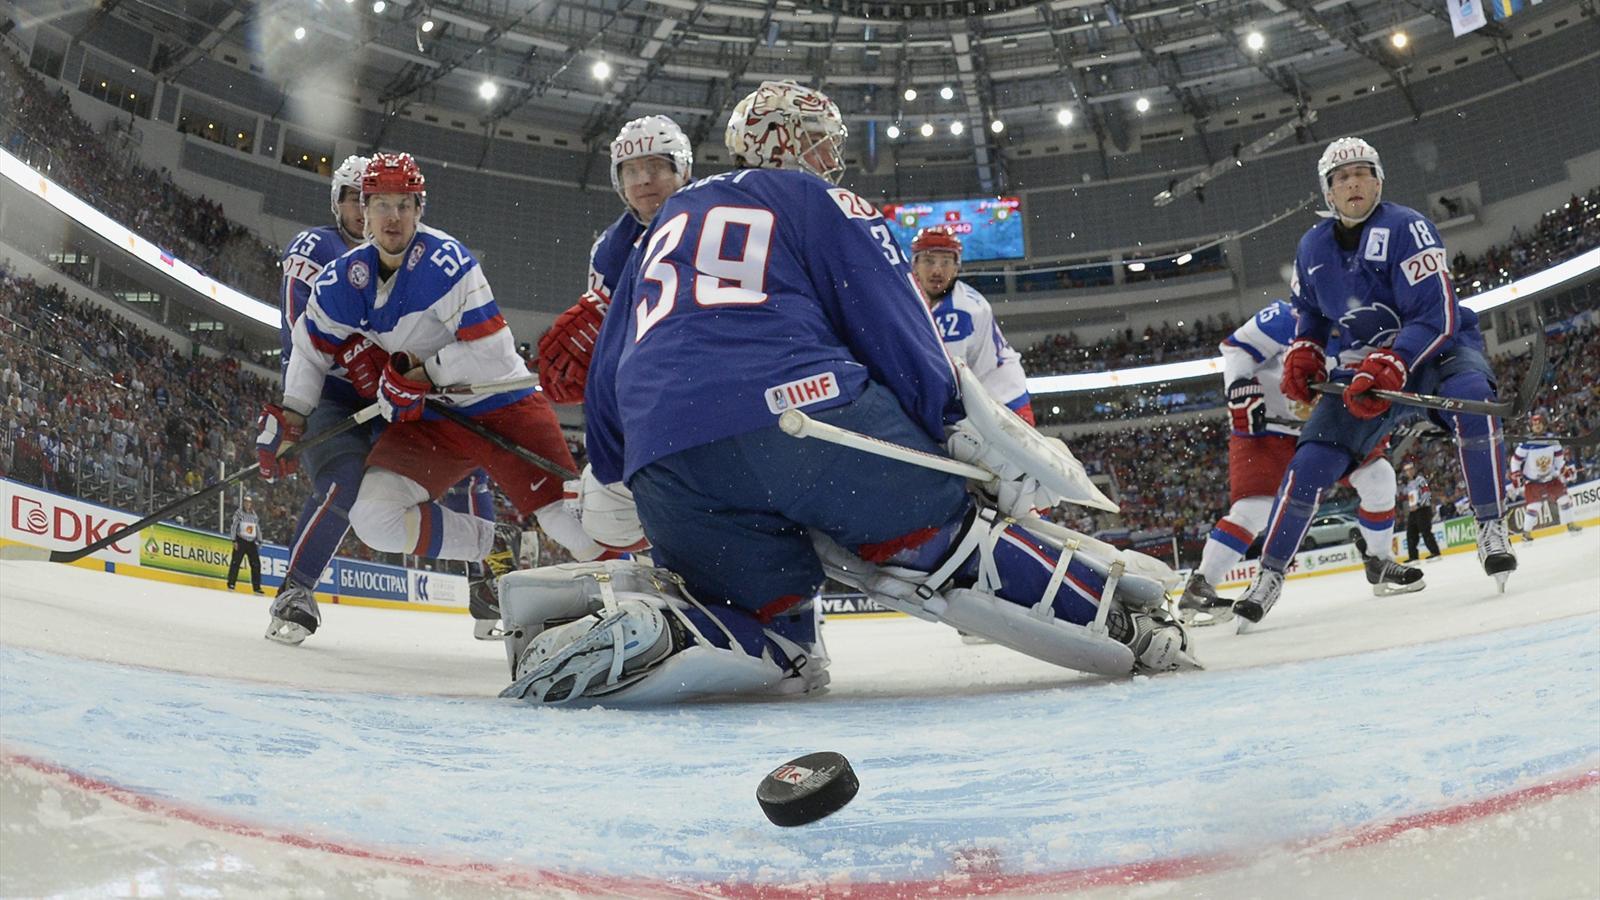 РОССИЯ ГОЛ Хоккей 3:1 Россия - Швеция 2014 24.05.14 :: ВЫ ОЧЕВИДЕЦ ::